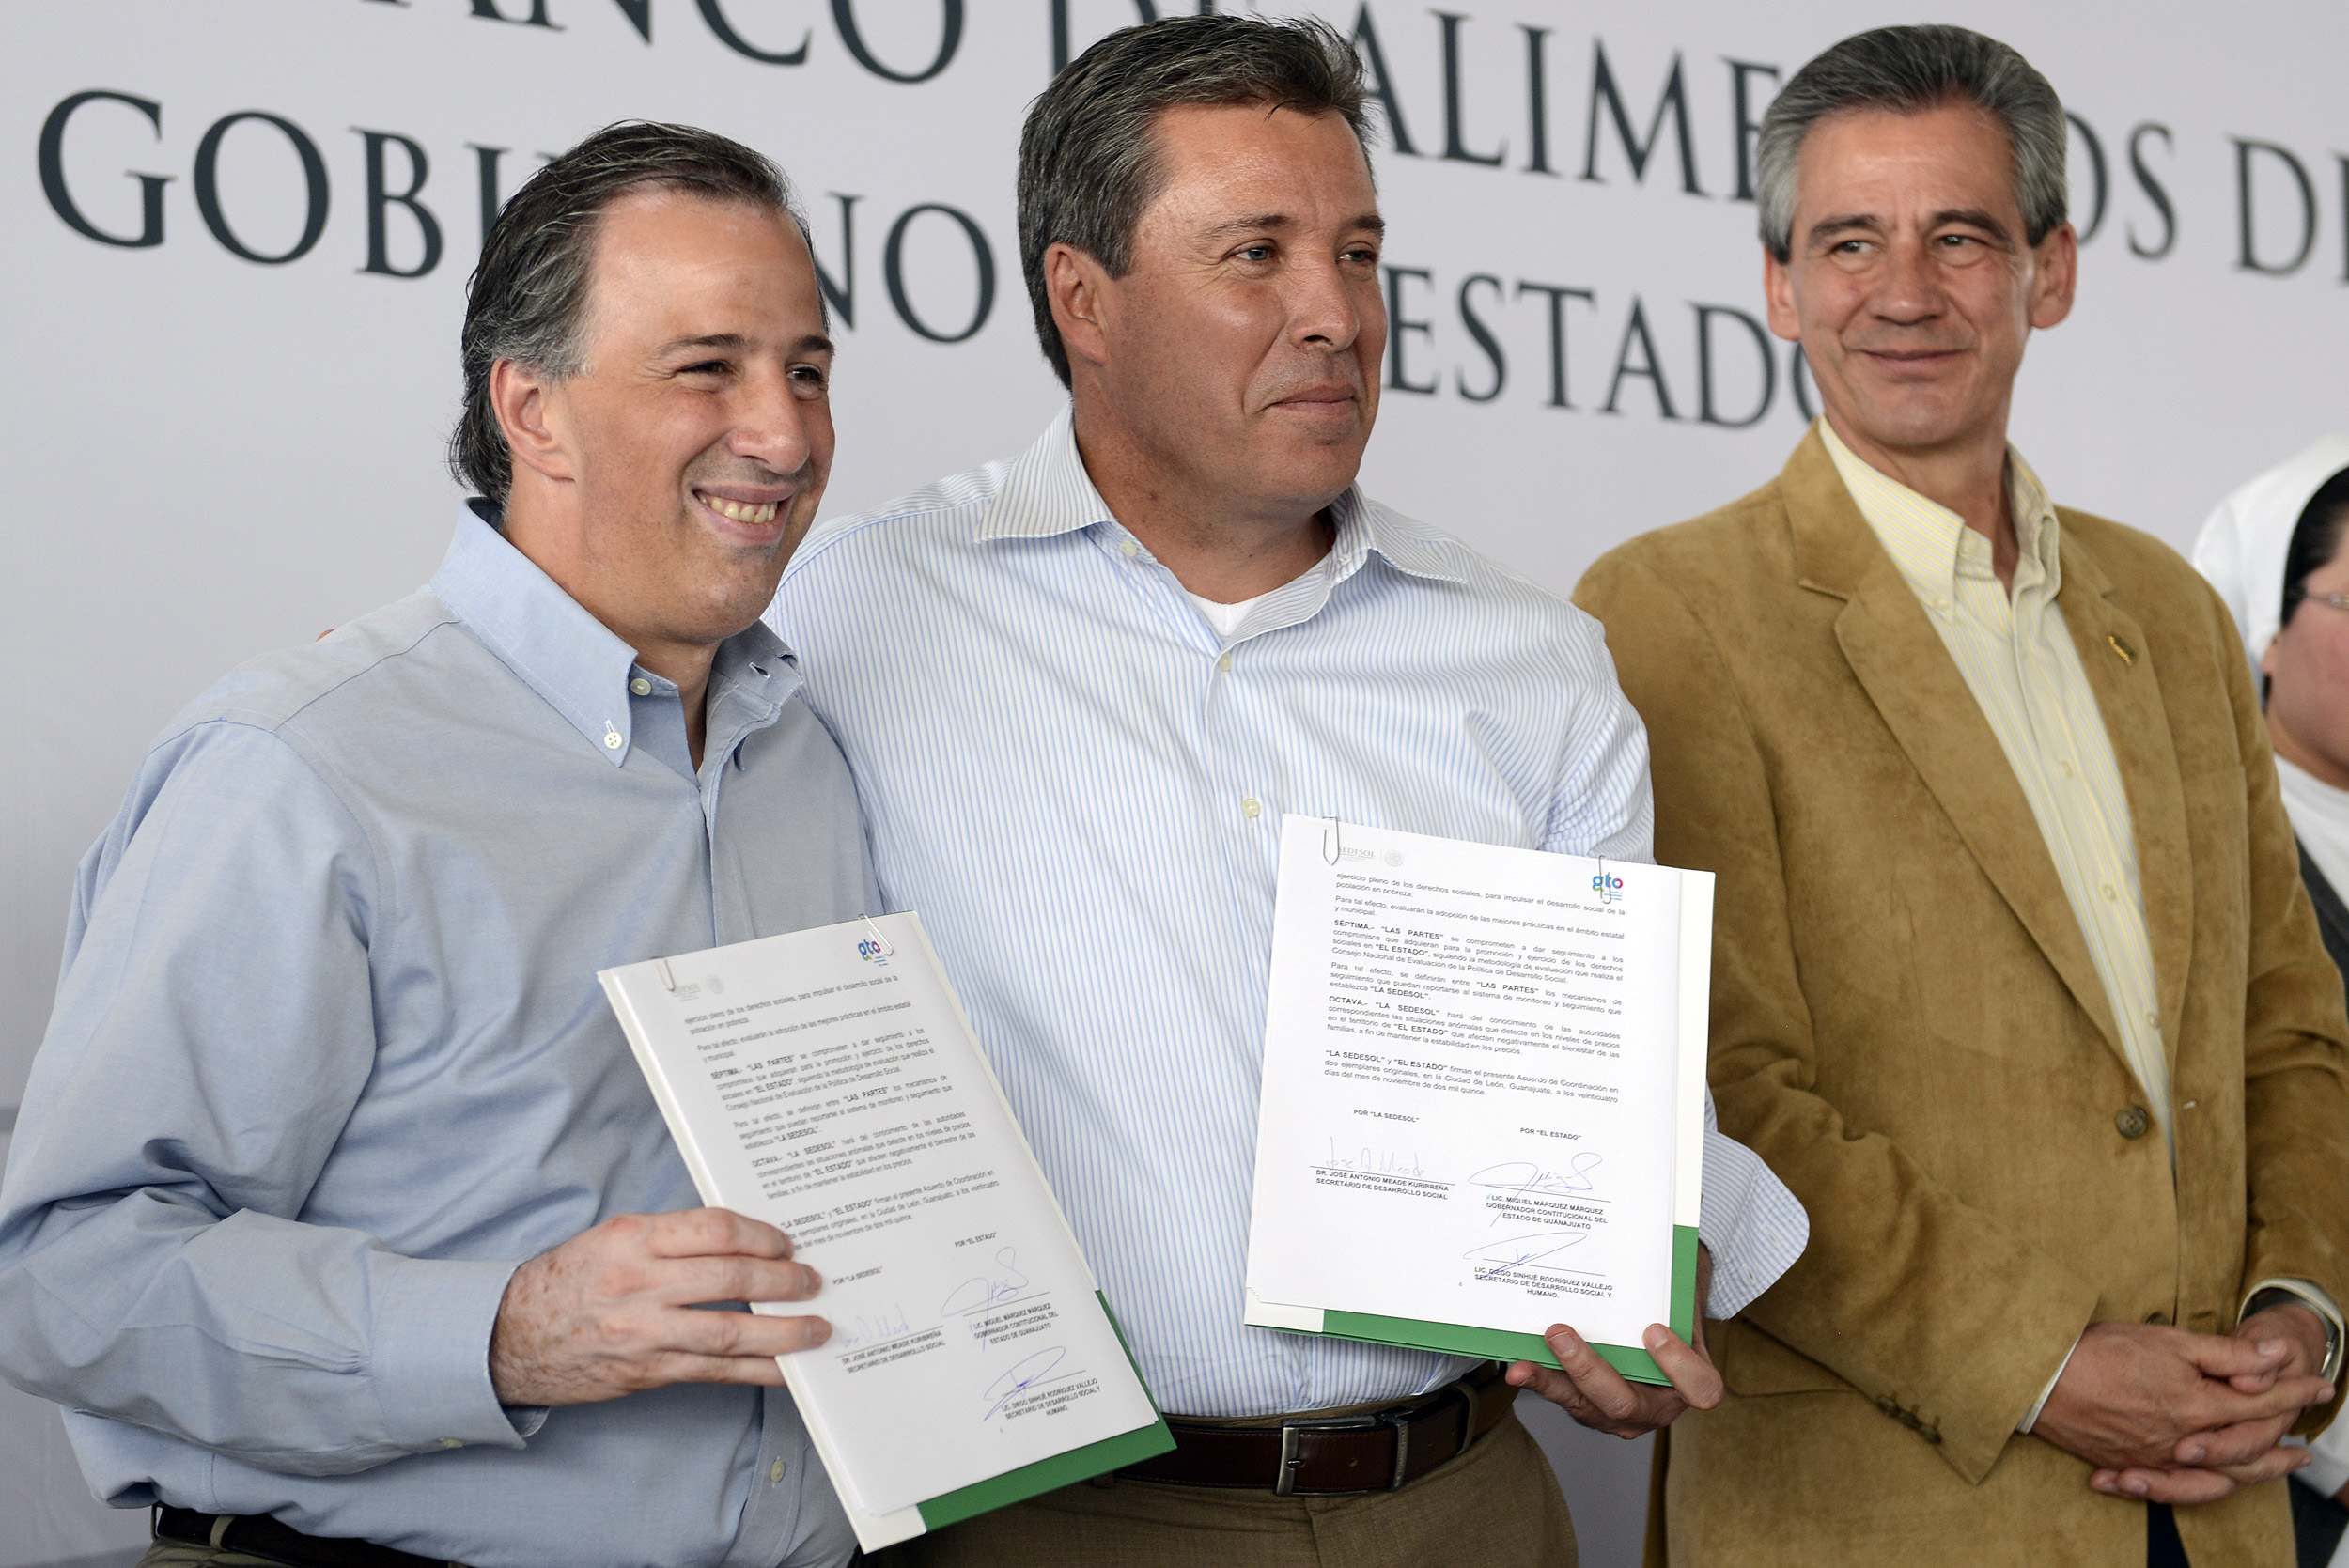 Acuerdo Sedesol  - Gobierno de Guanajuato